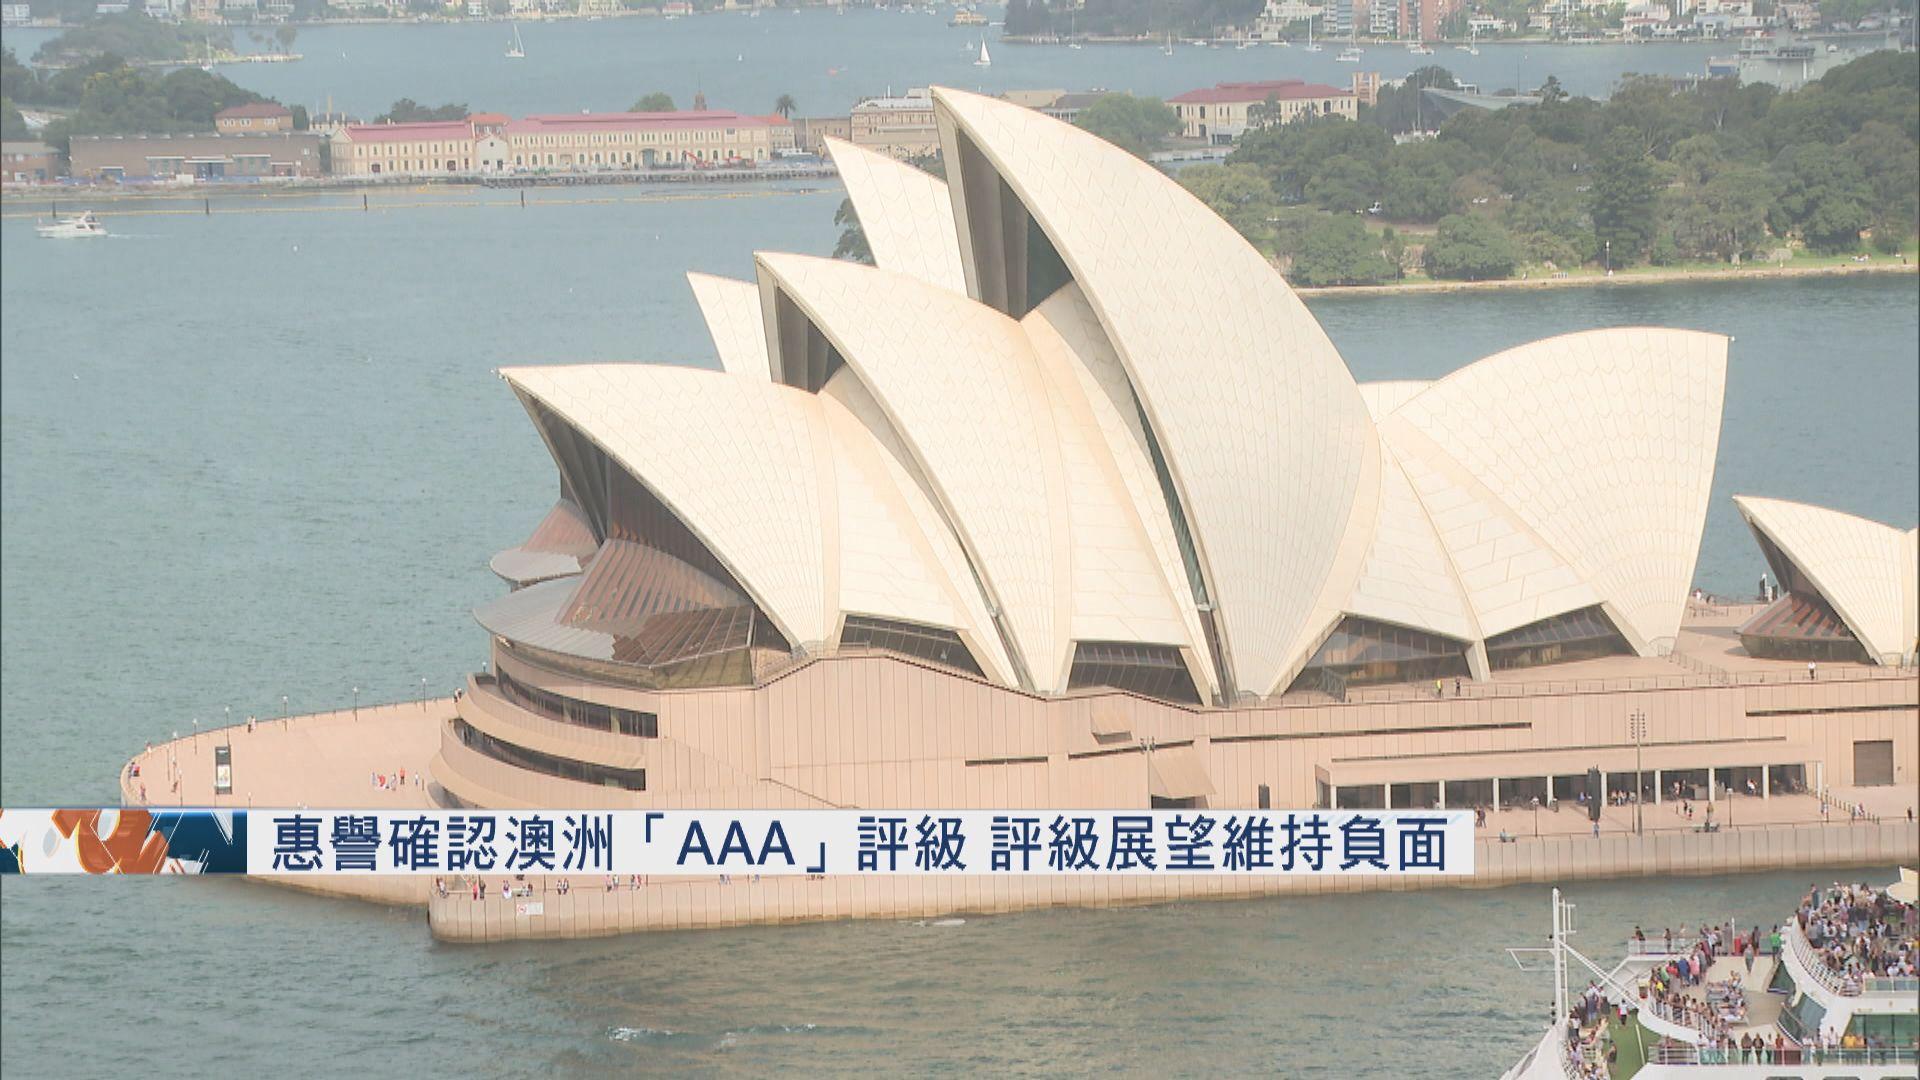 惠譽確認澳洲「AAA」評級 評級展望維持負面